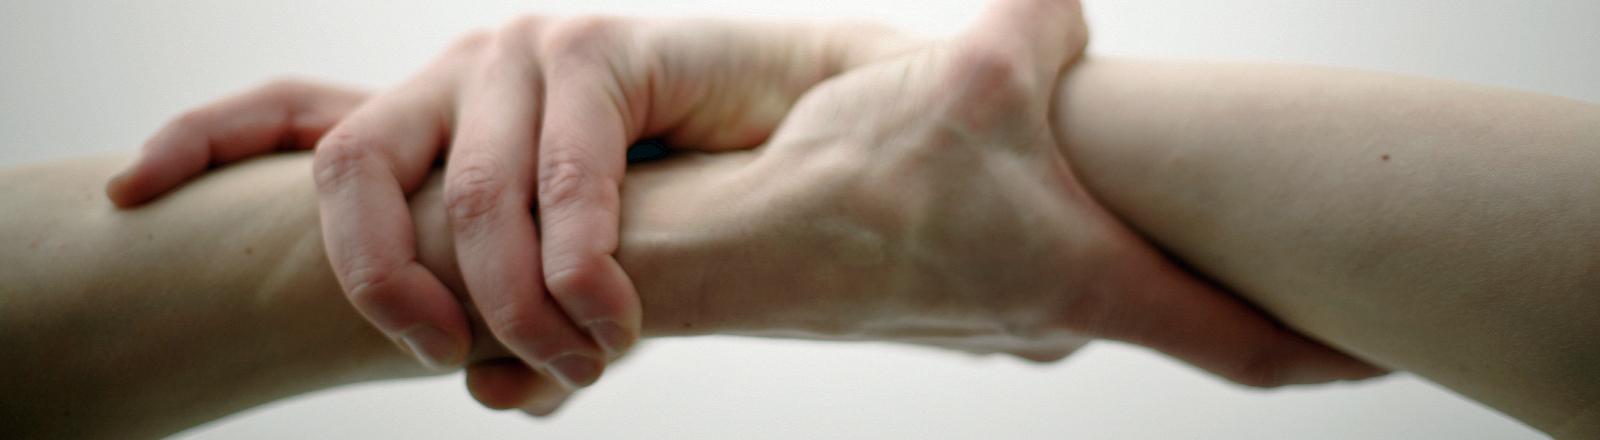 Zwei Hände fassen ineinander.